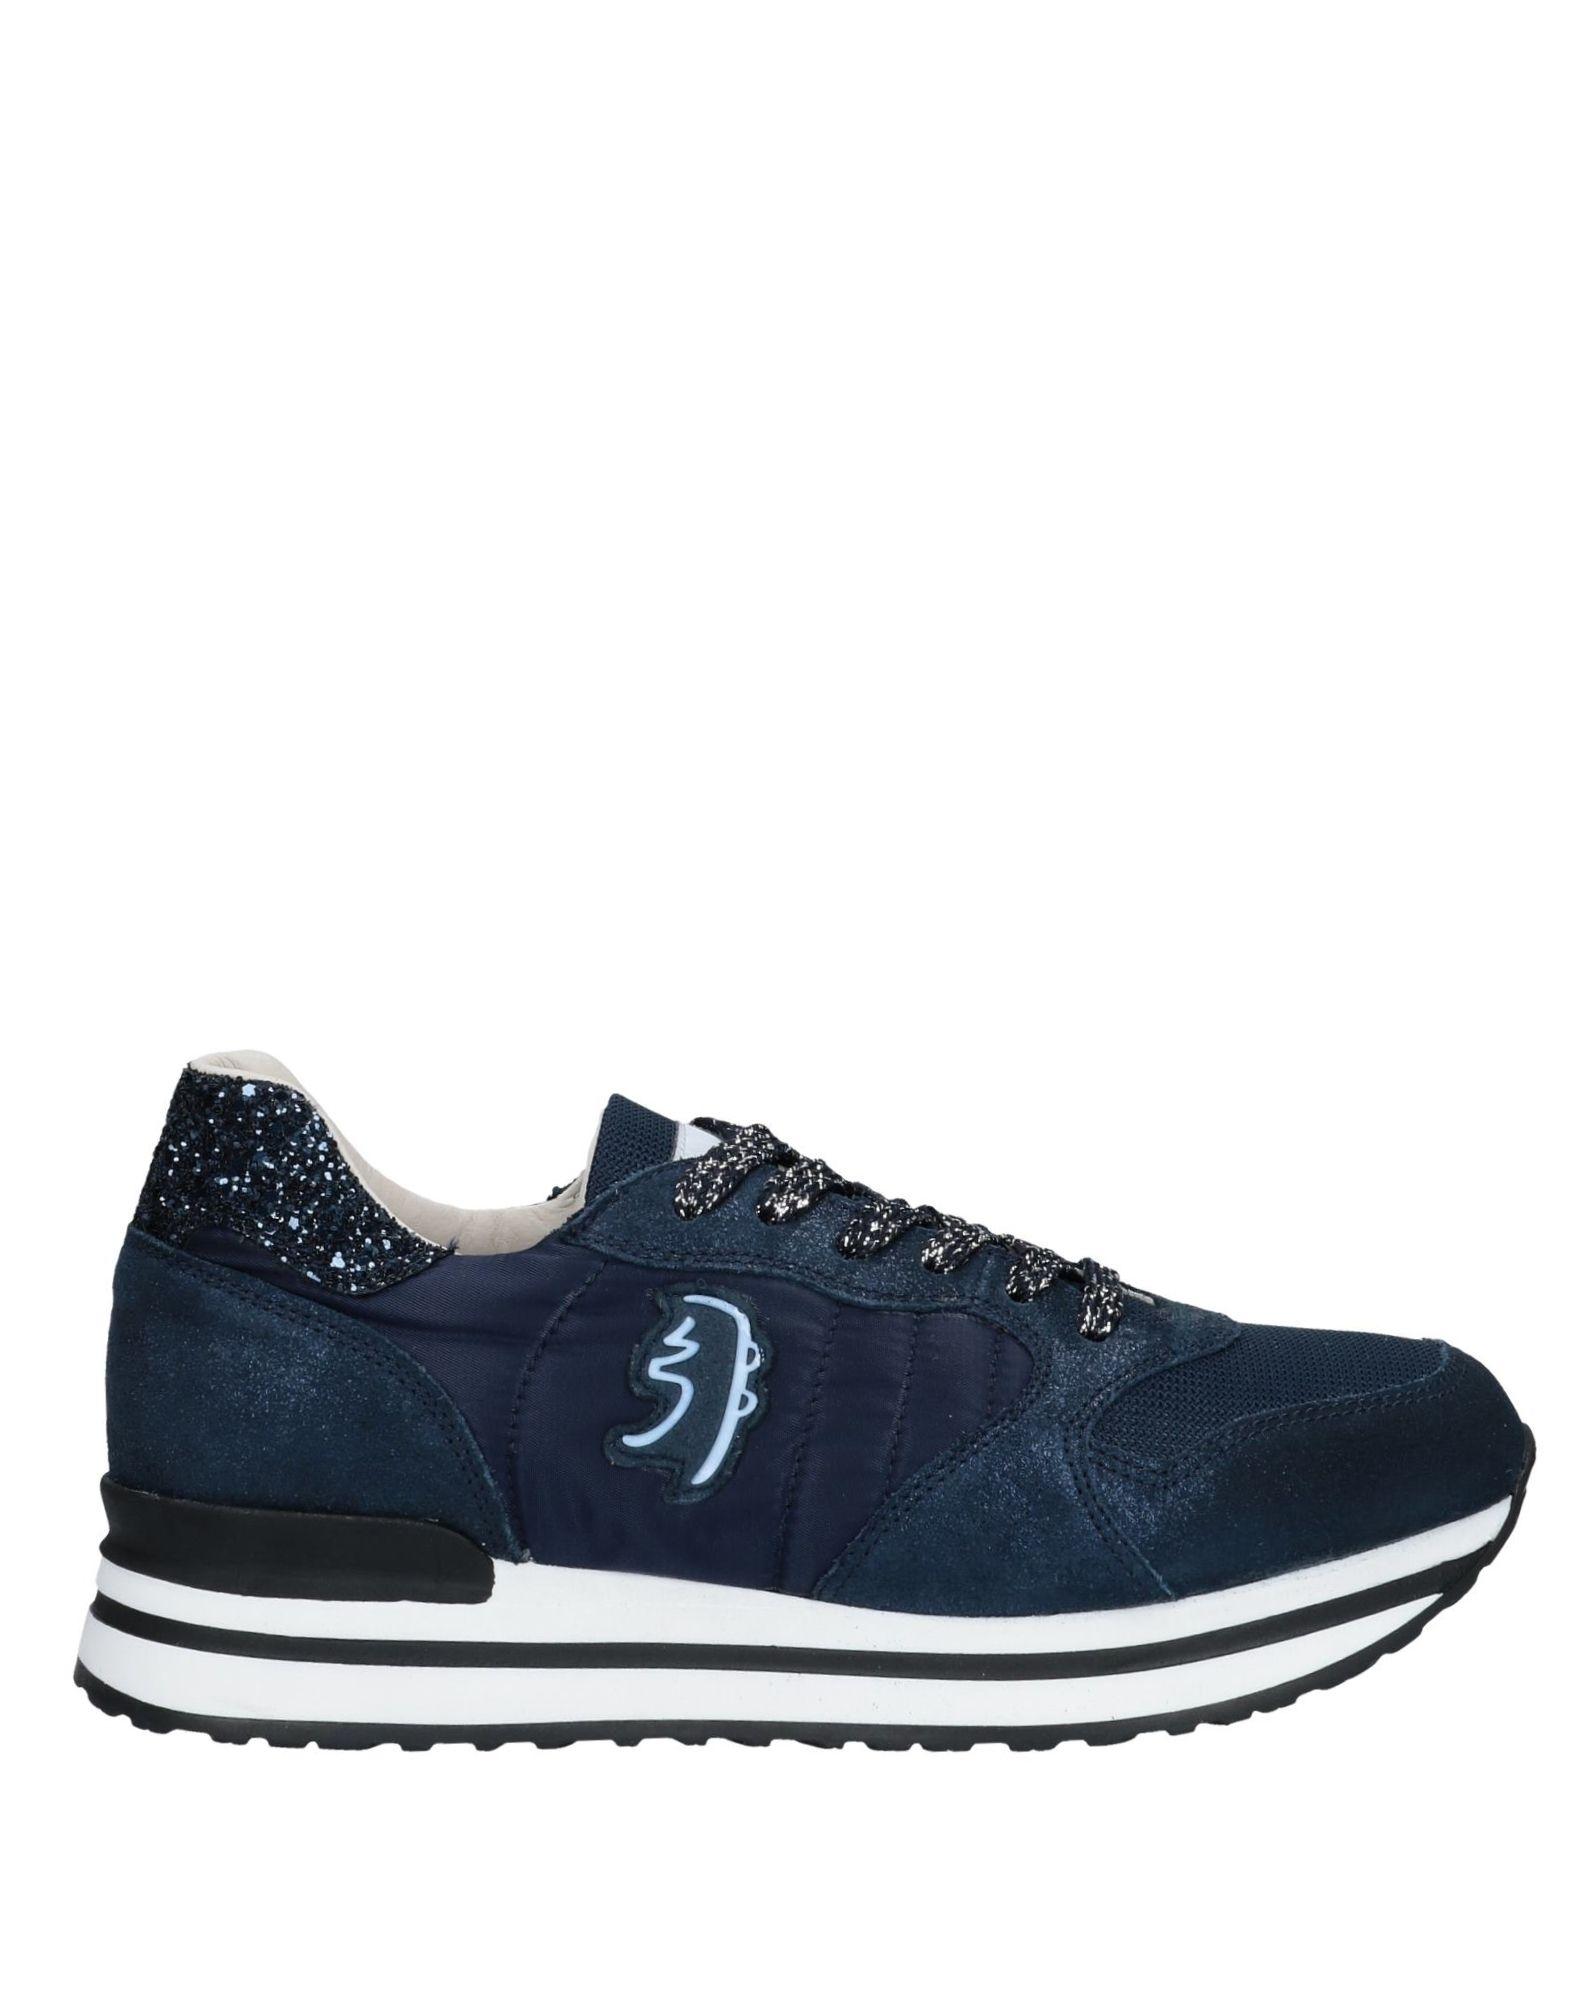 《送料無料》PRIMABASE レディース スニーカー&テニスシューズ(ローカット) ダークブルー 35 革 / 紡績繊維